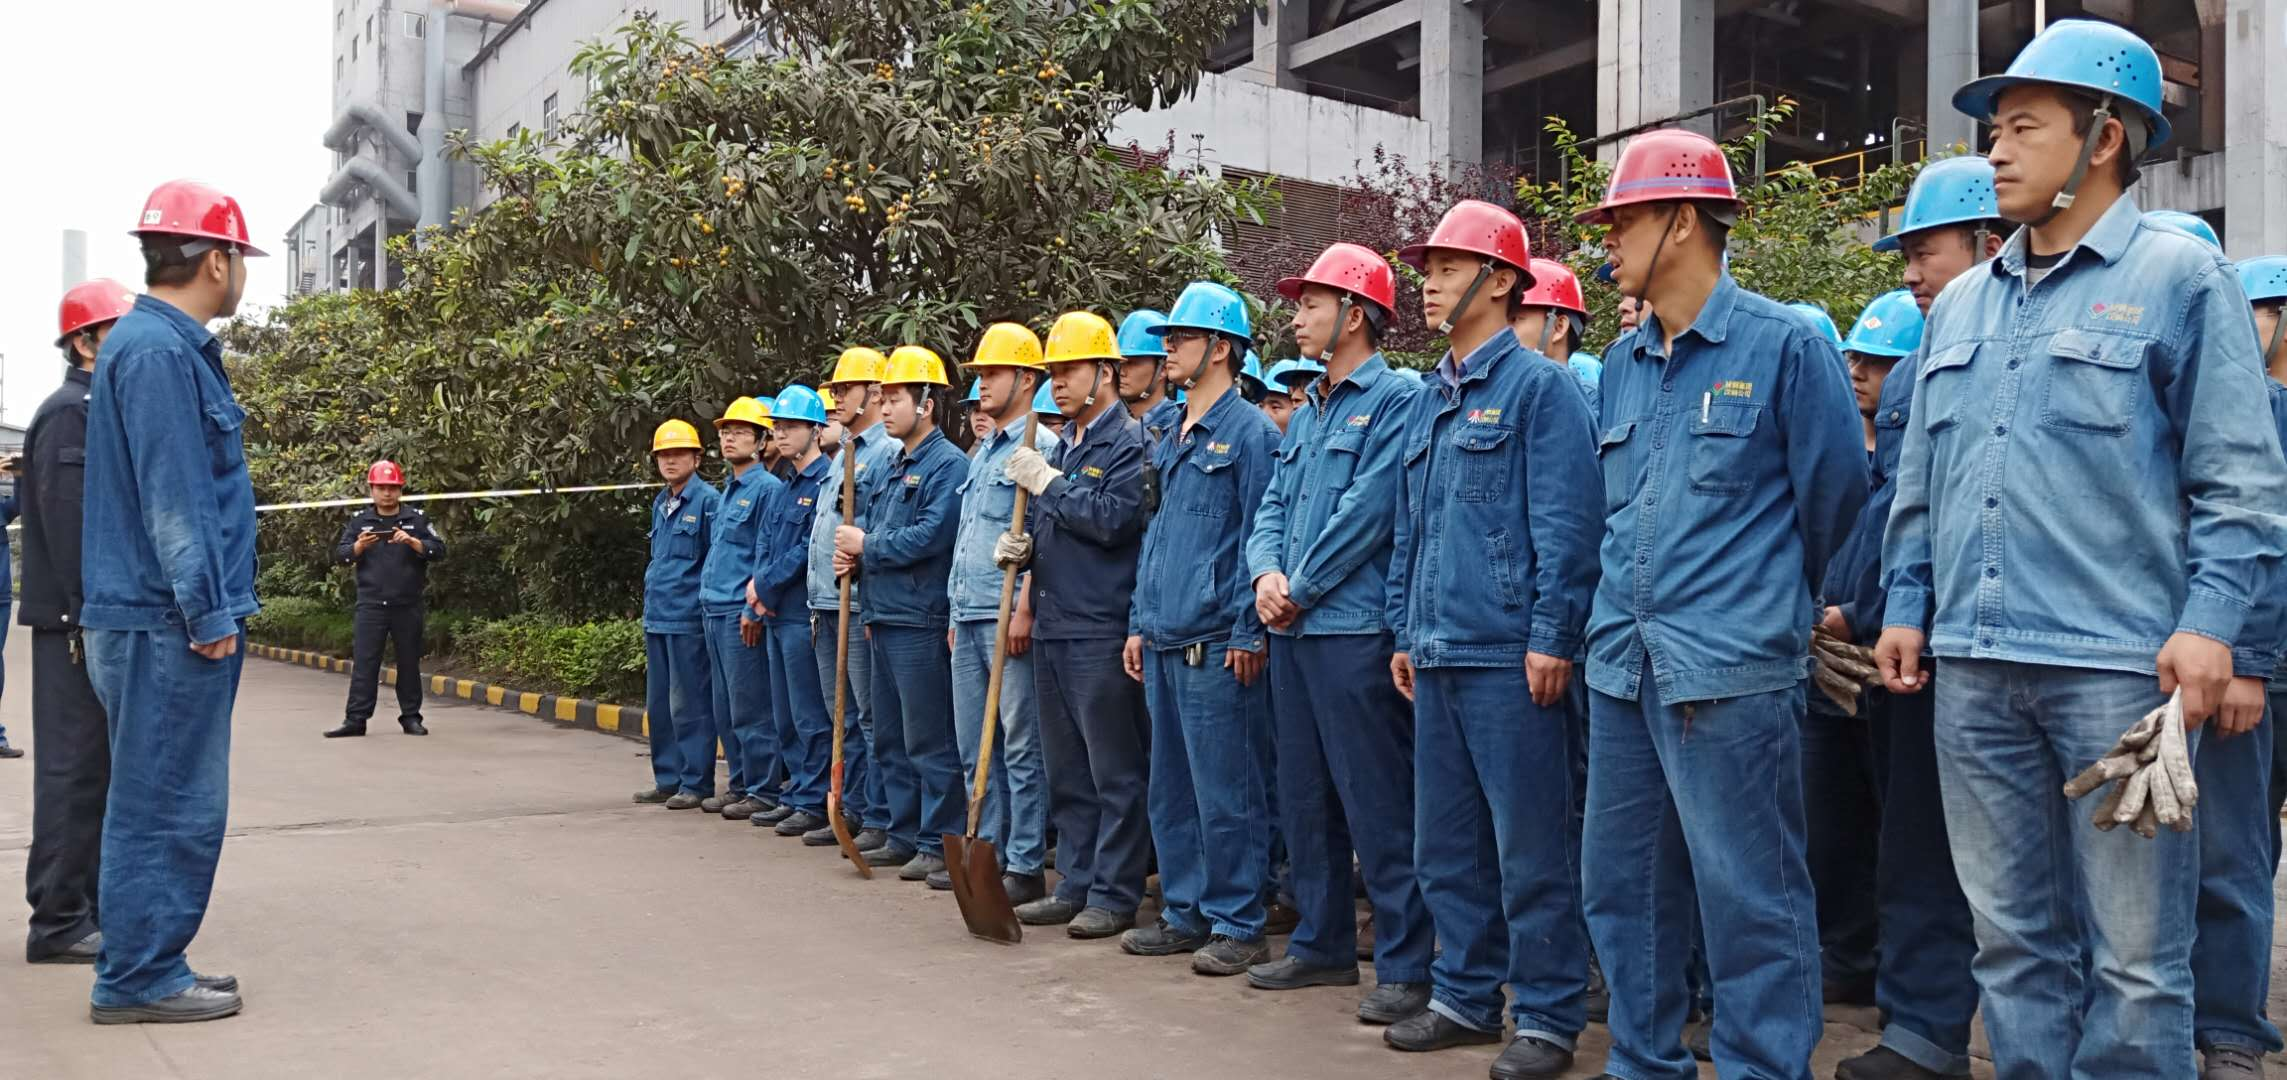 【基层动态】应急管理月中的应急活动 ——炼铁厂应急管理月活动纪实